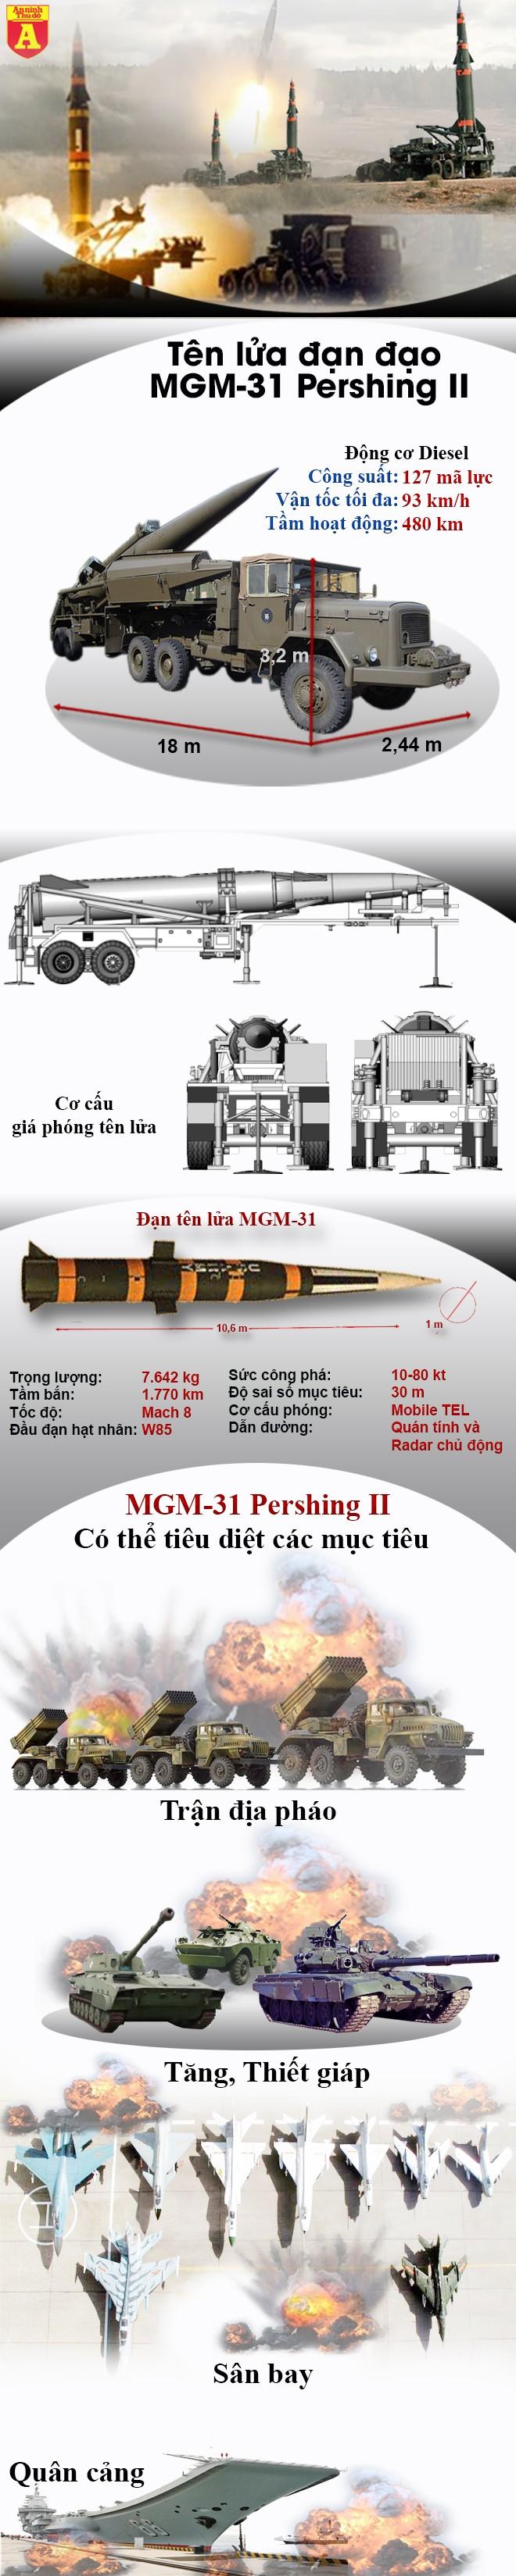 """[Infographic] Đối phó với Iskander của Nga, Mỹ sẽ hồi sinh """"ngón tay thần chết"""" MGM-31? ảnh 2"""